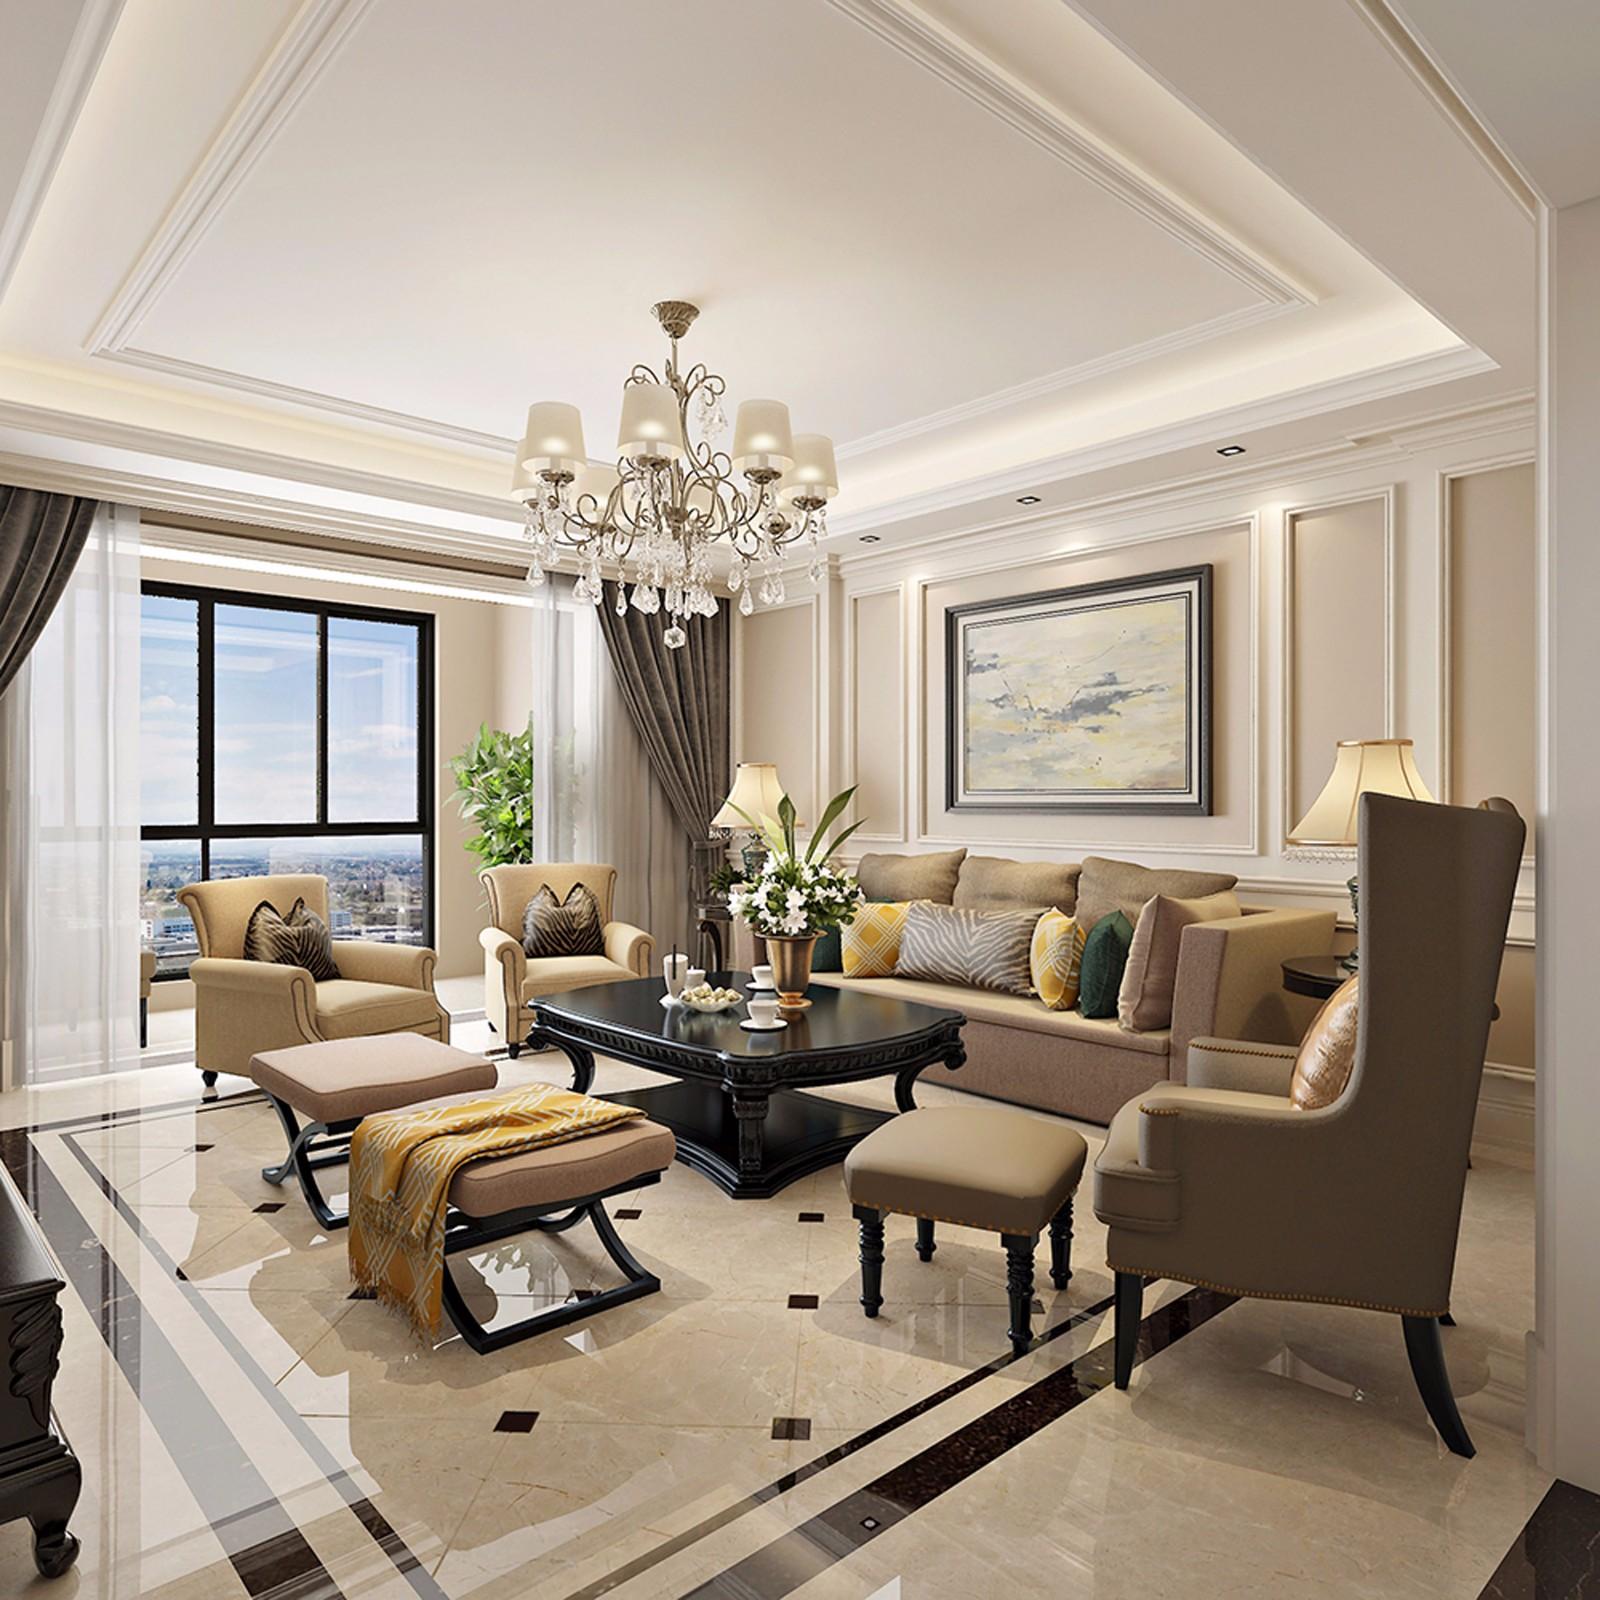 2室1卫1厅105平米简欧风格